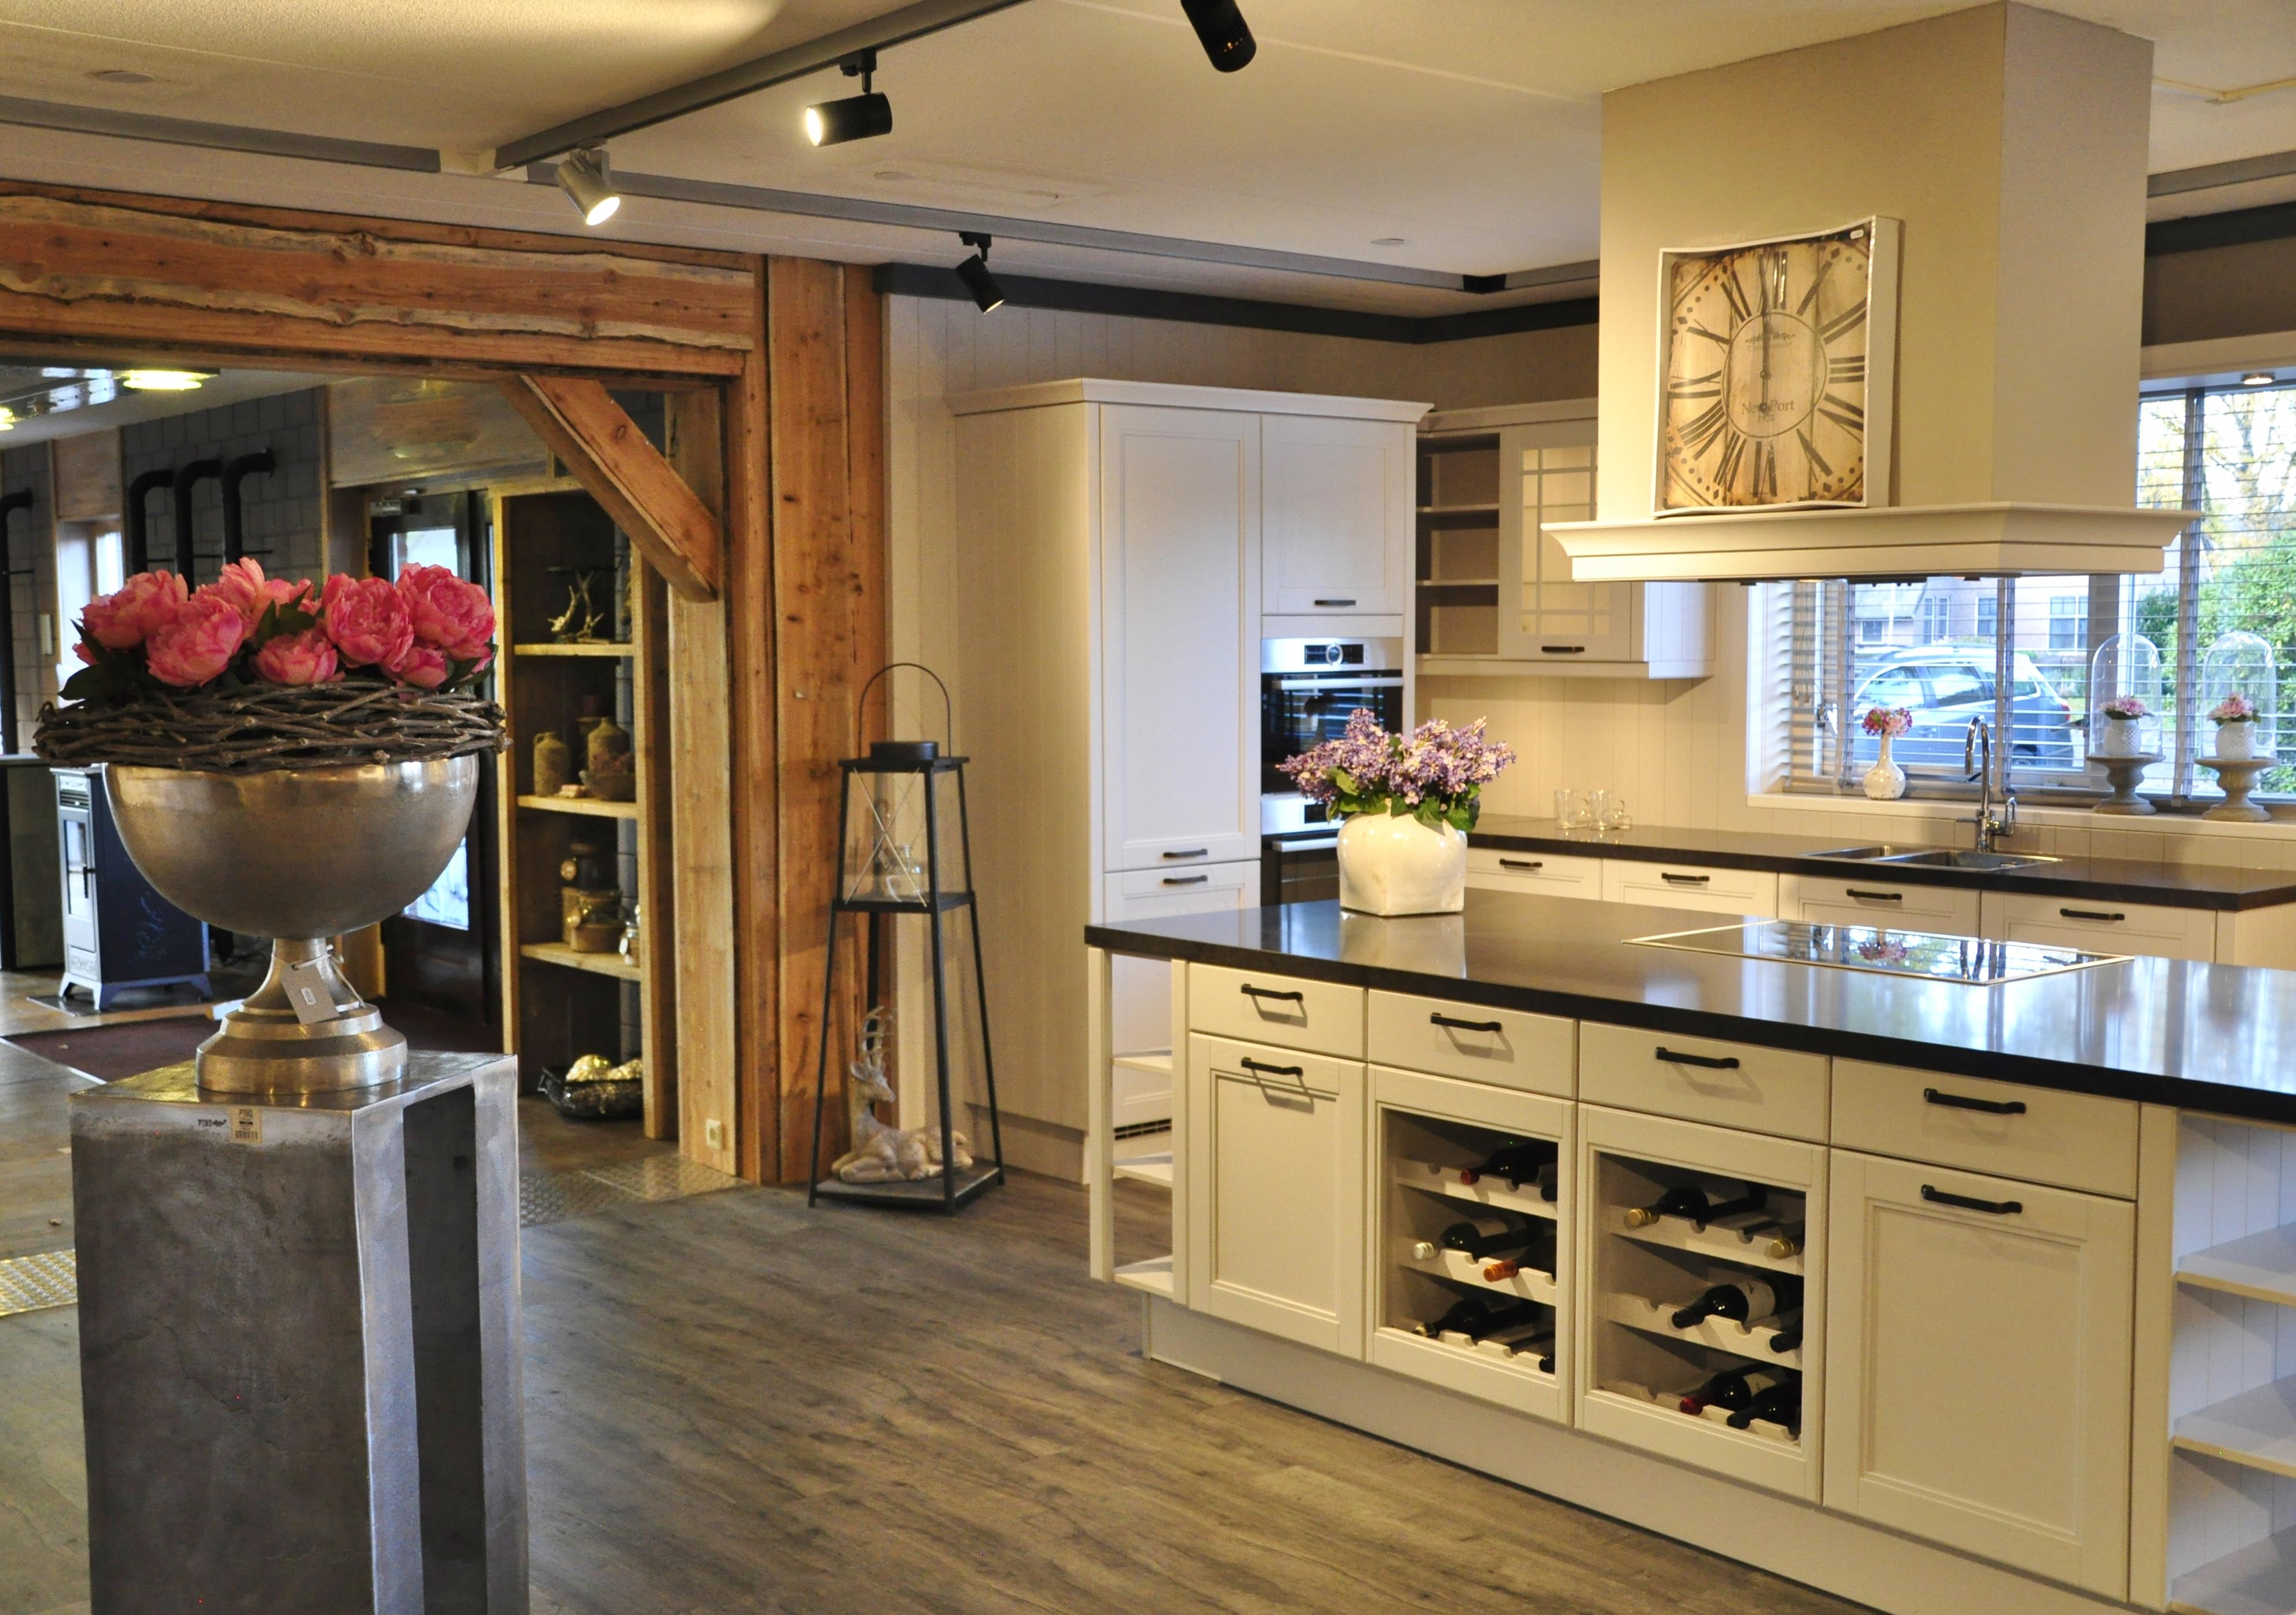 Keuken van levering tot installatie techniko